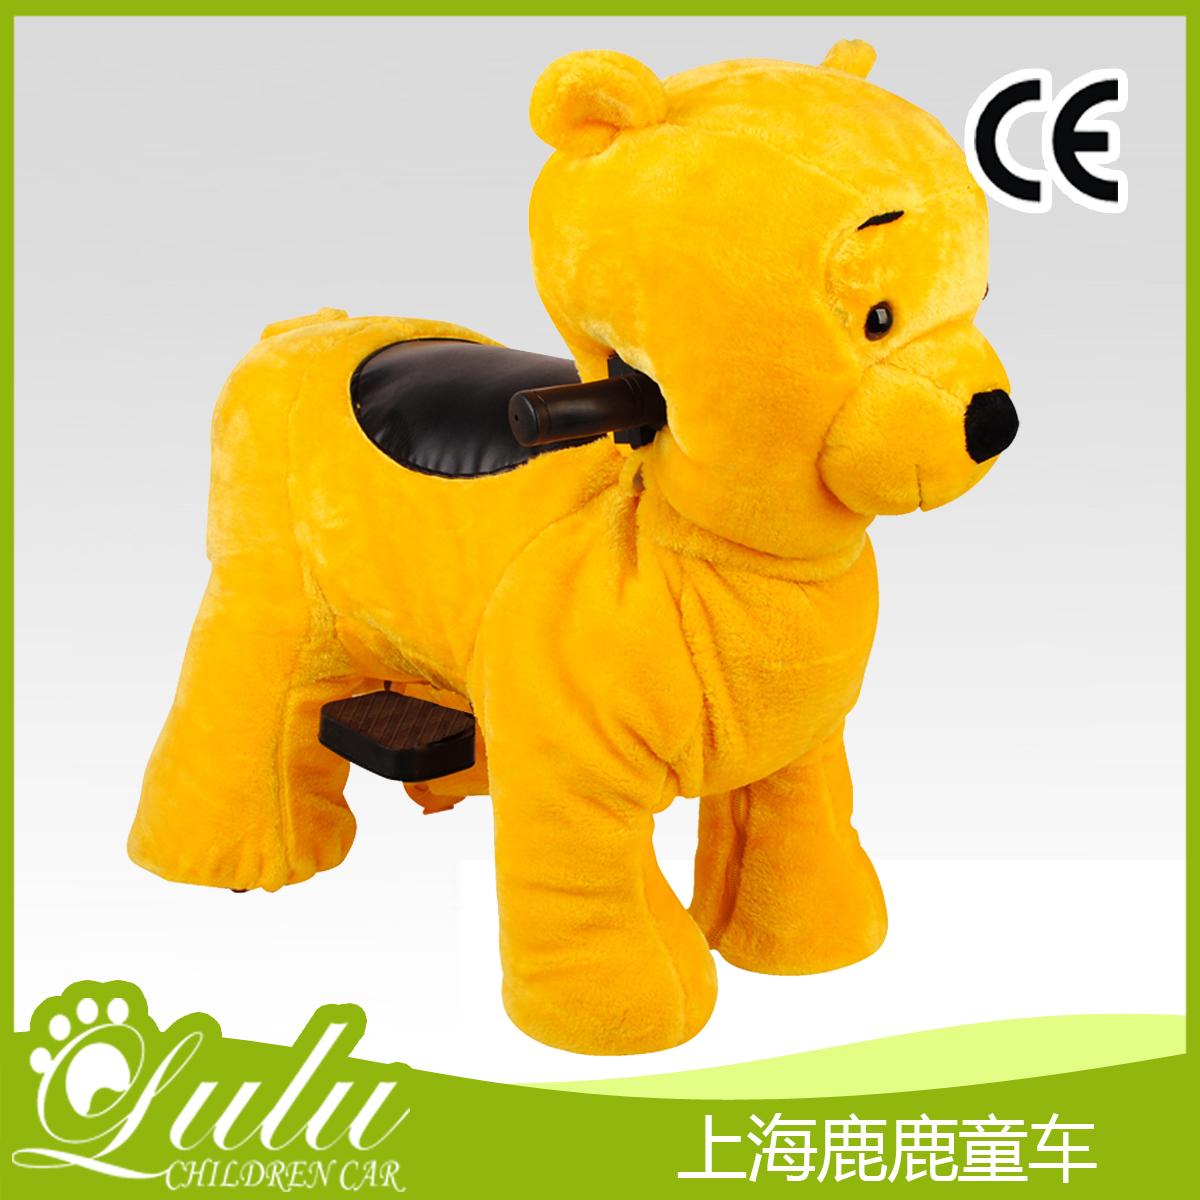 小型经营版-小黄熊